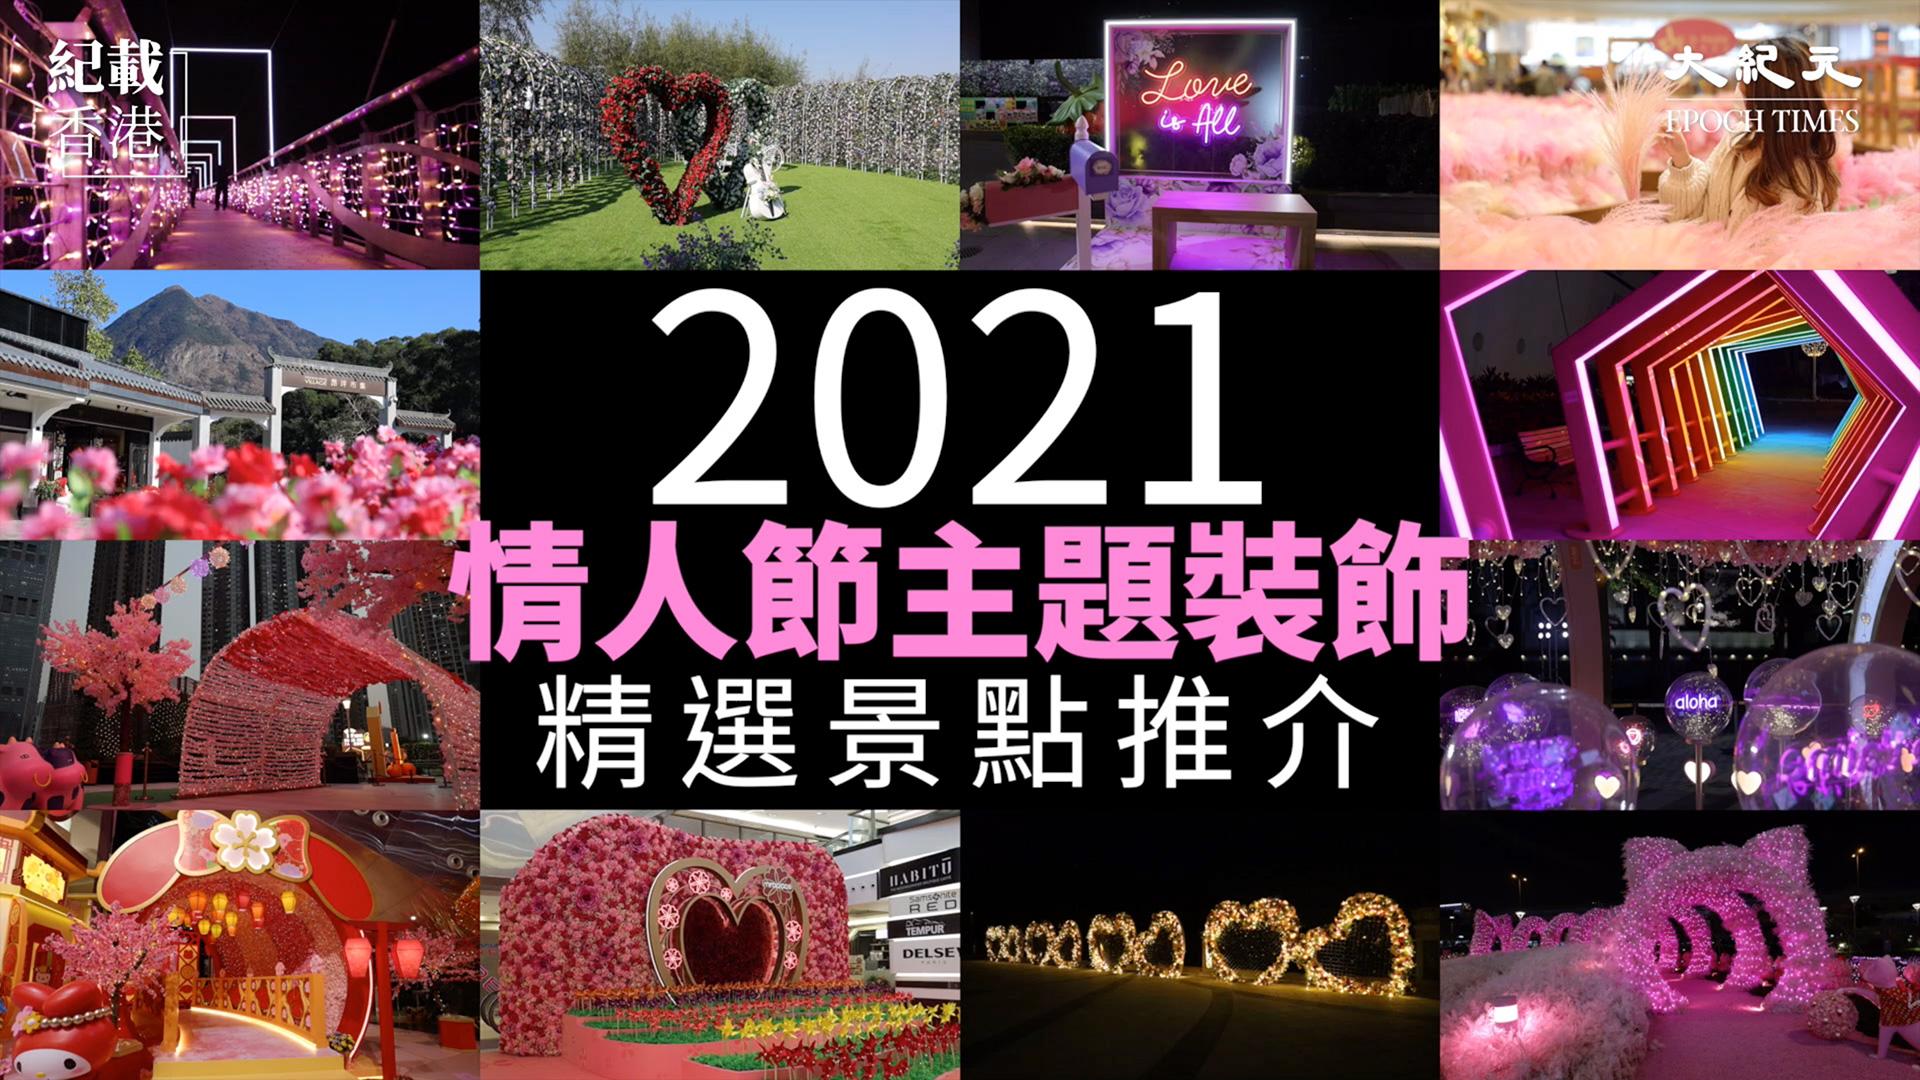 2021年情人節裝飾。(設計圖片)